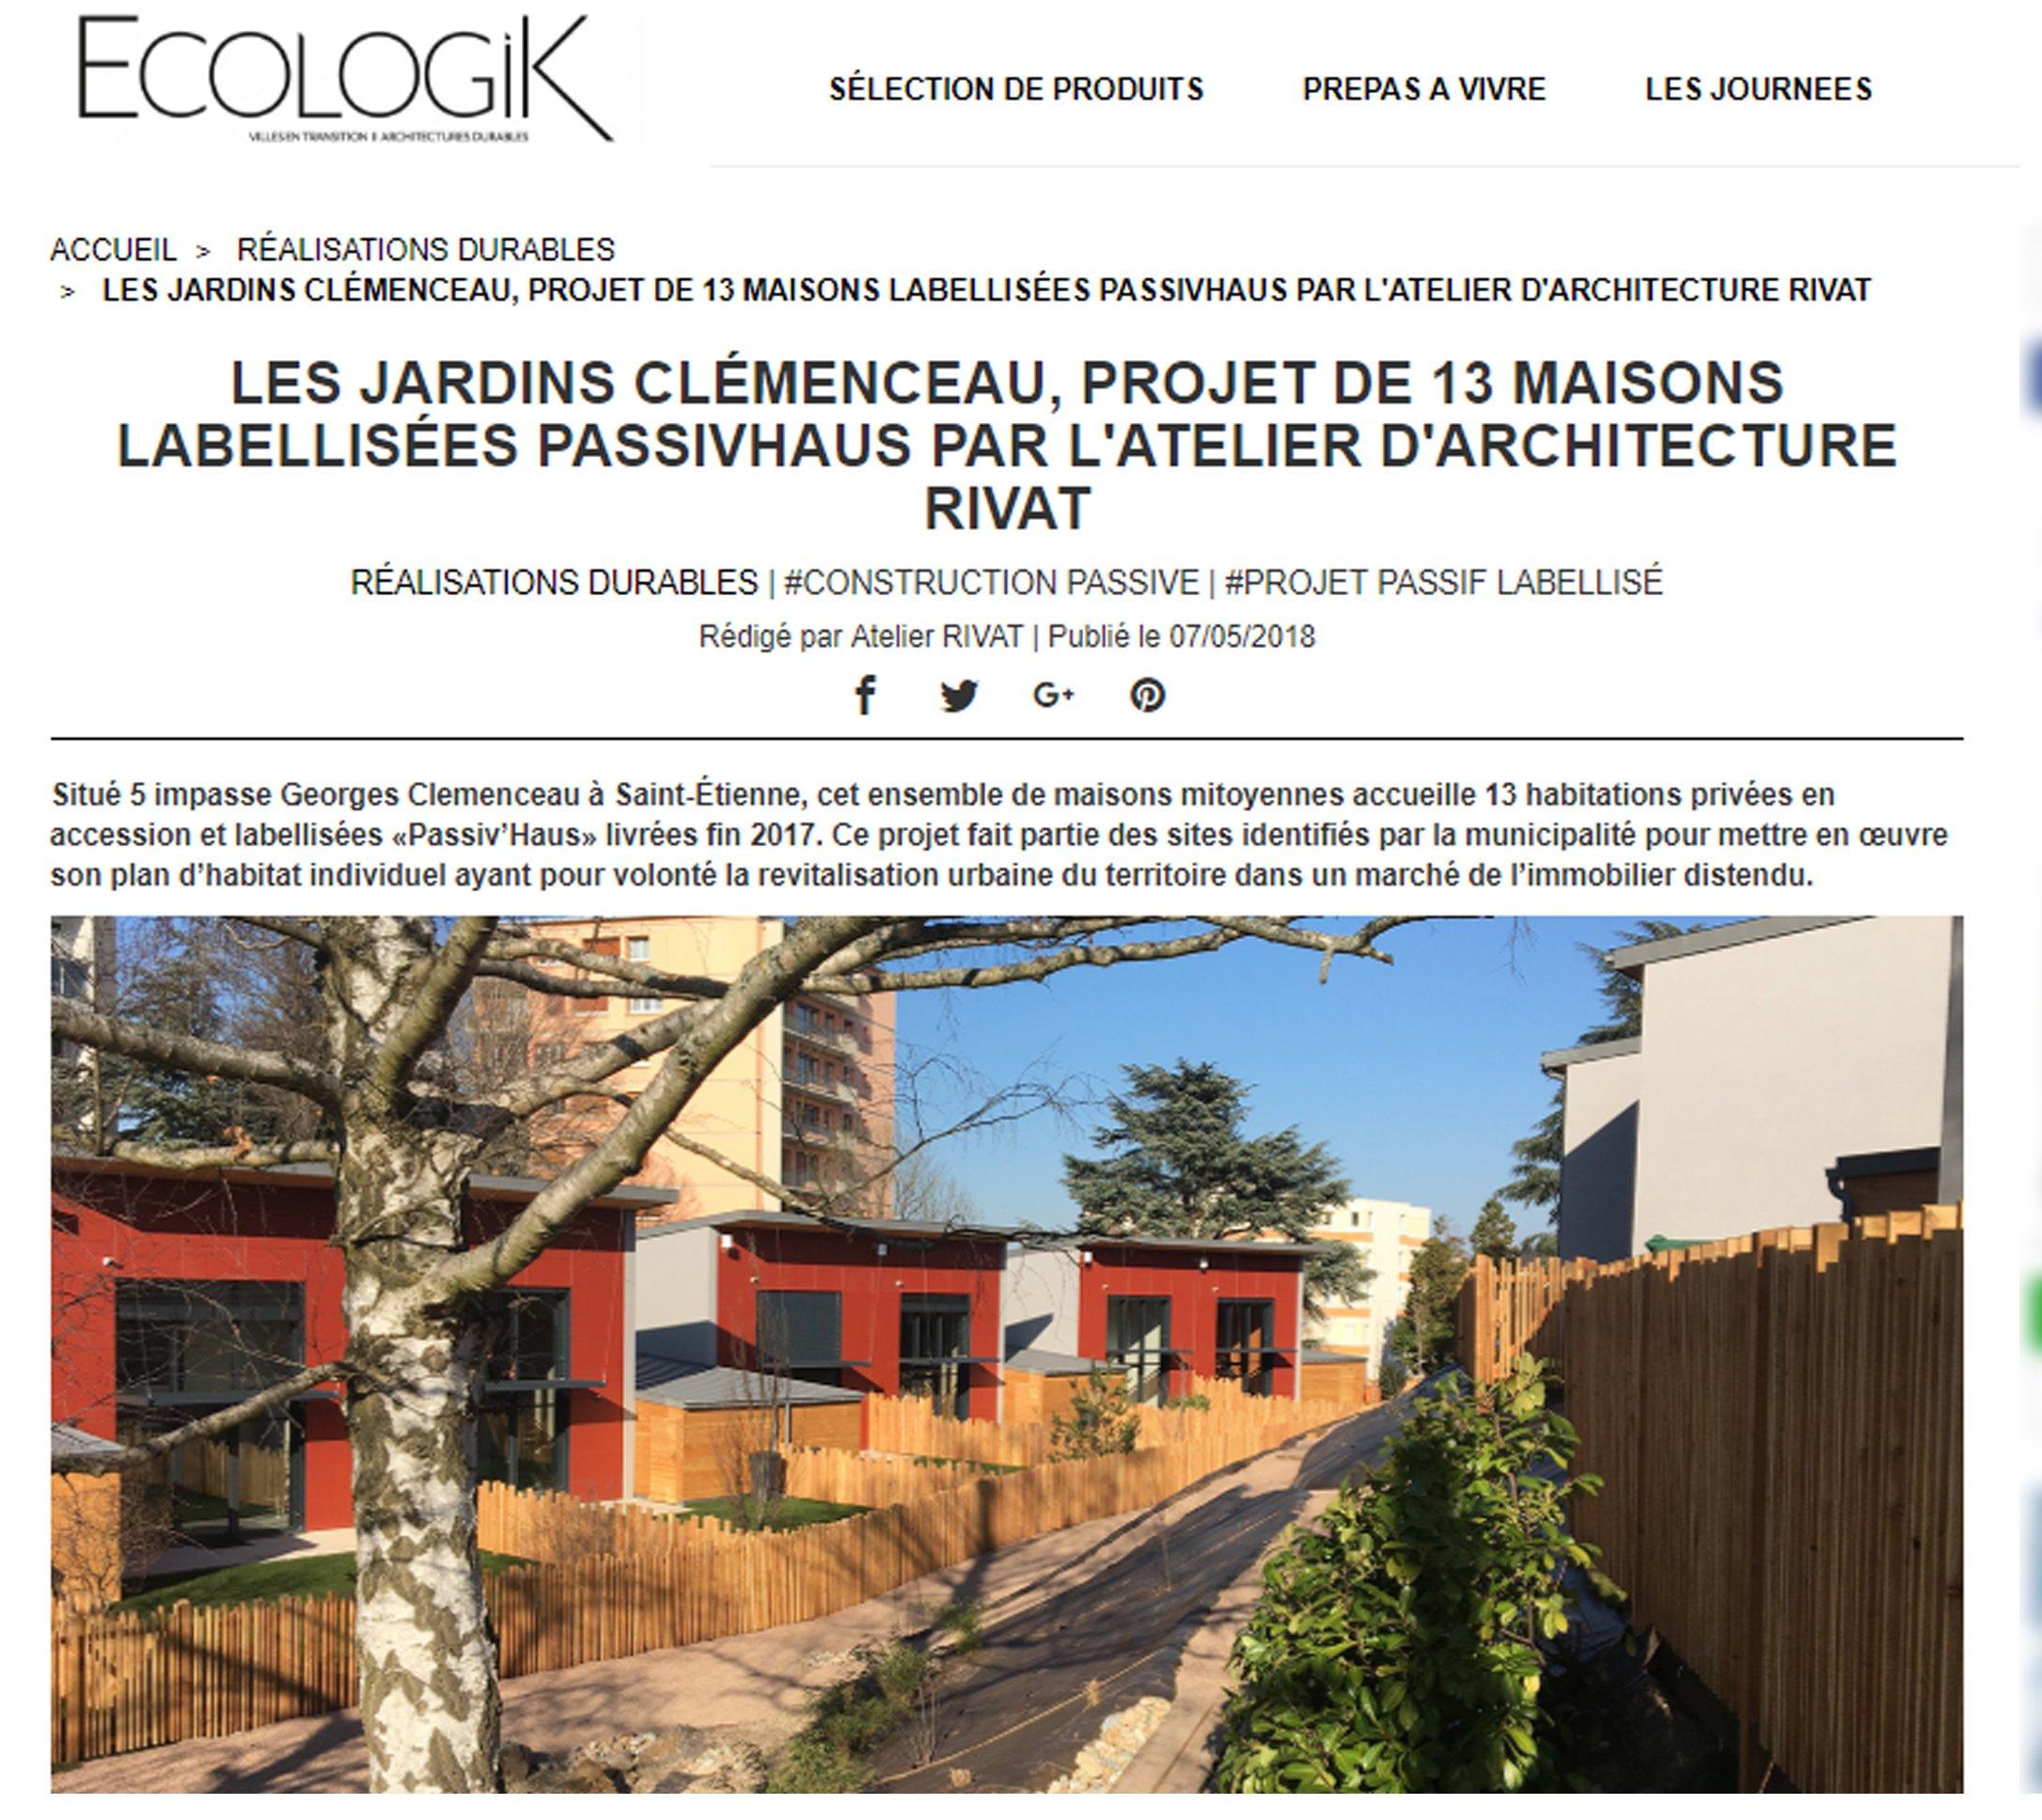 Notre réalisation de 13 maisons labellisées passivhaus a fait l'objet d'un article dans le magazine ECOLOGIK